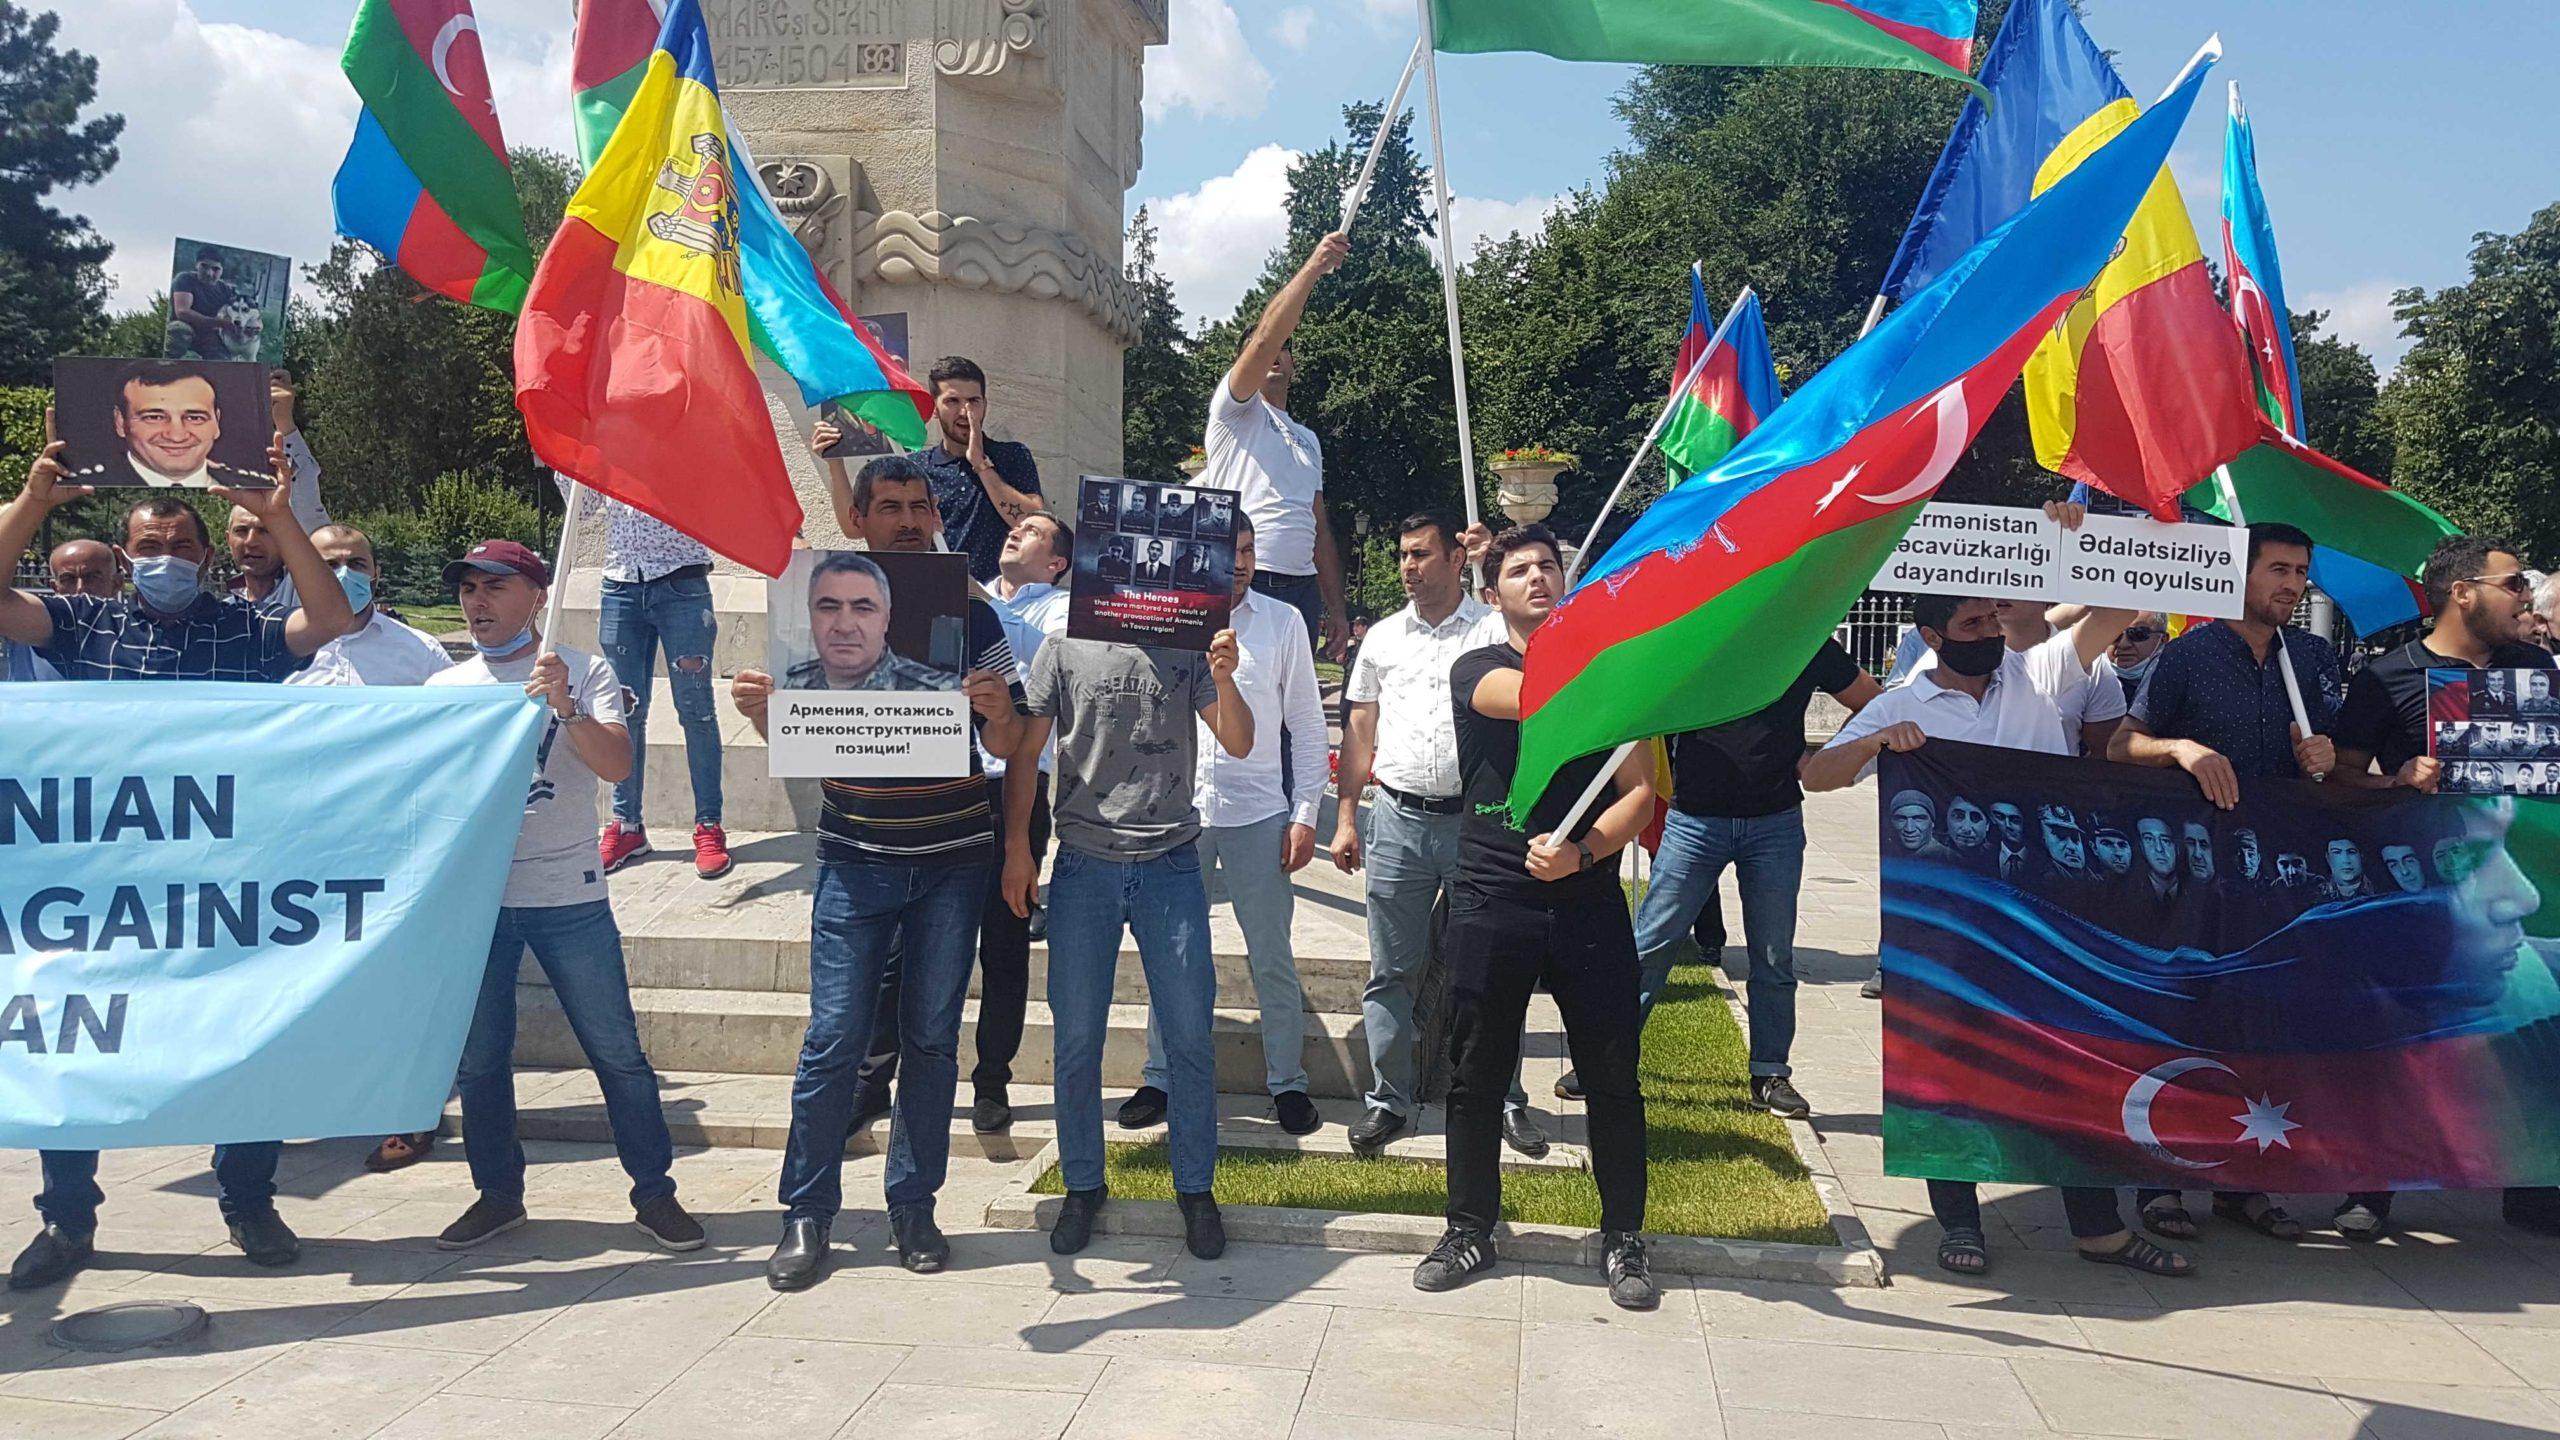 Ambasadorului Azerbaidjanului, învinuiri grave față de un deputat socialist și un consilier al președintelui. Cum răspund aceștia acuzațiilor